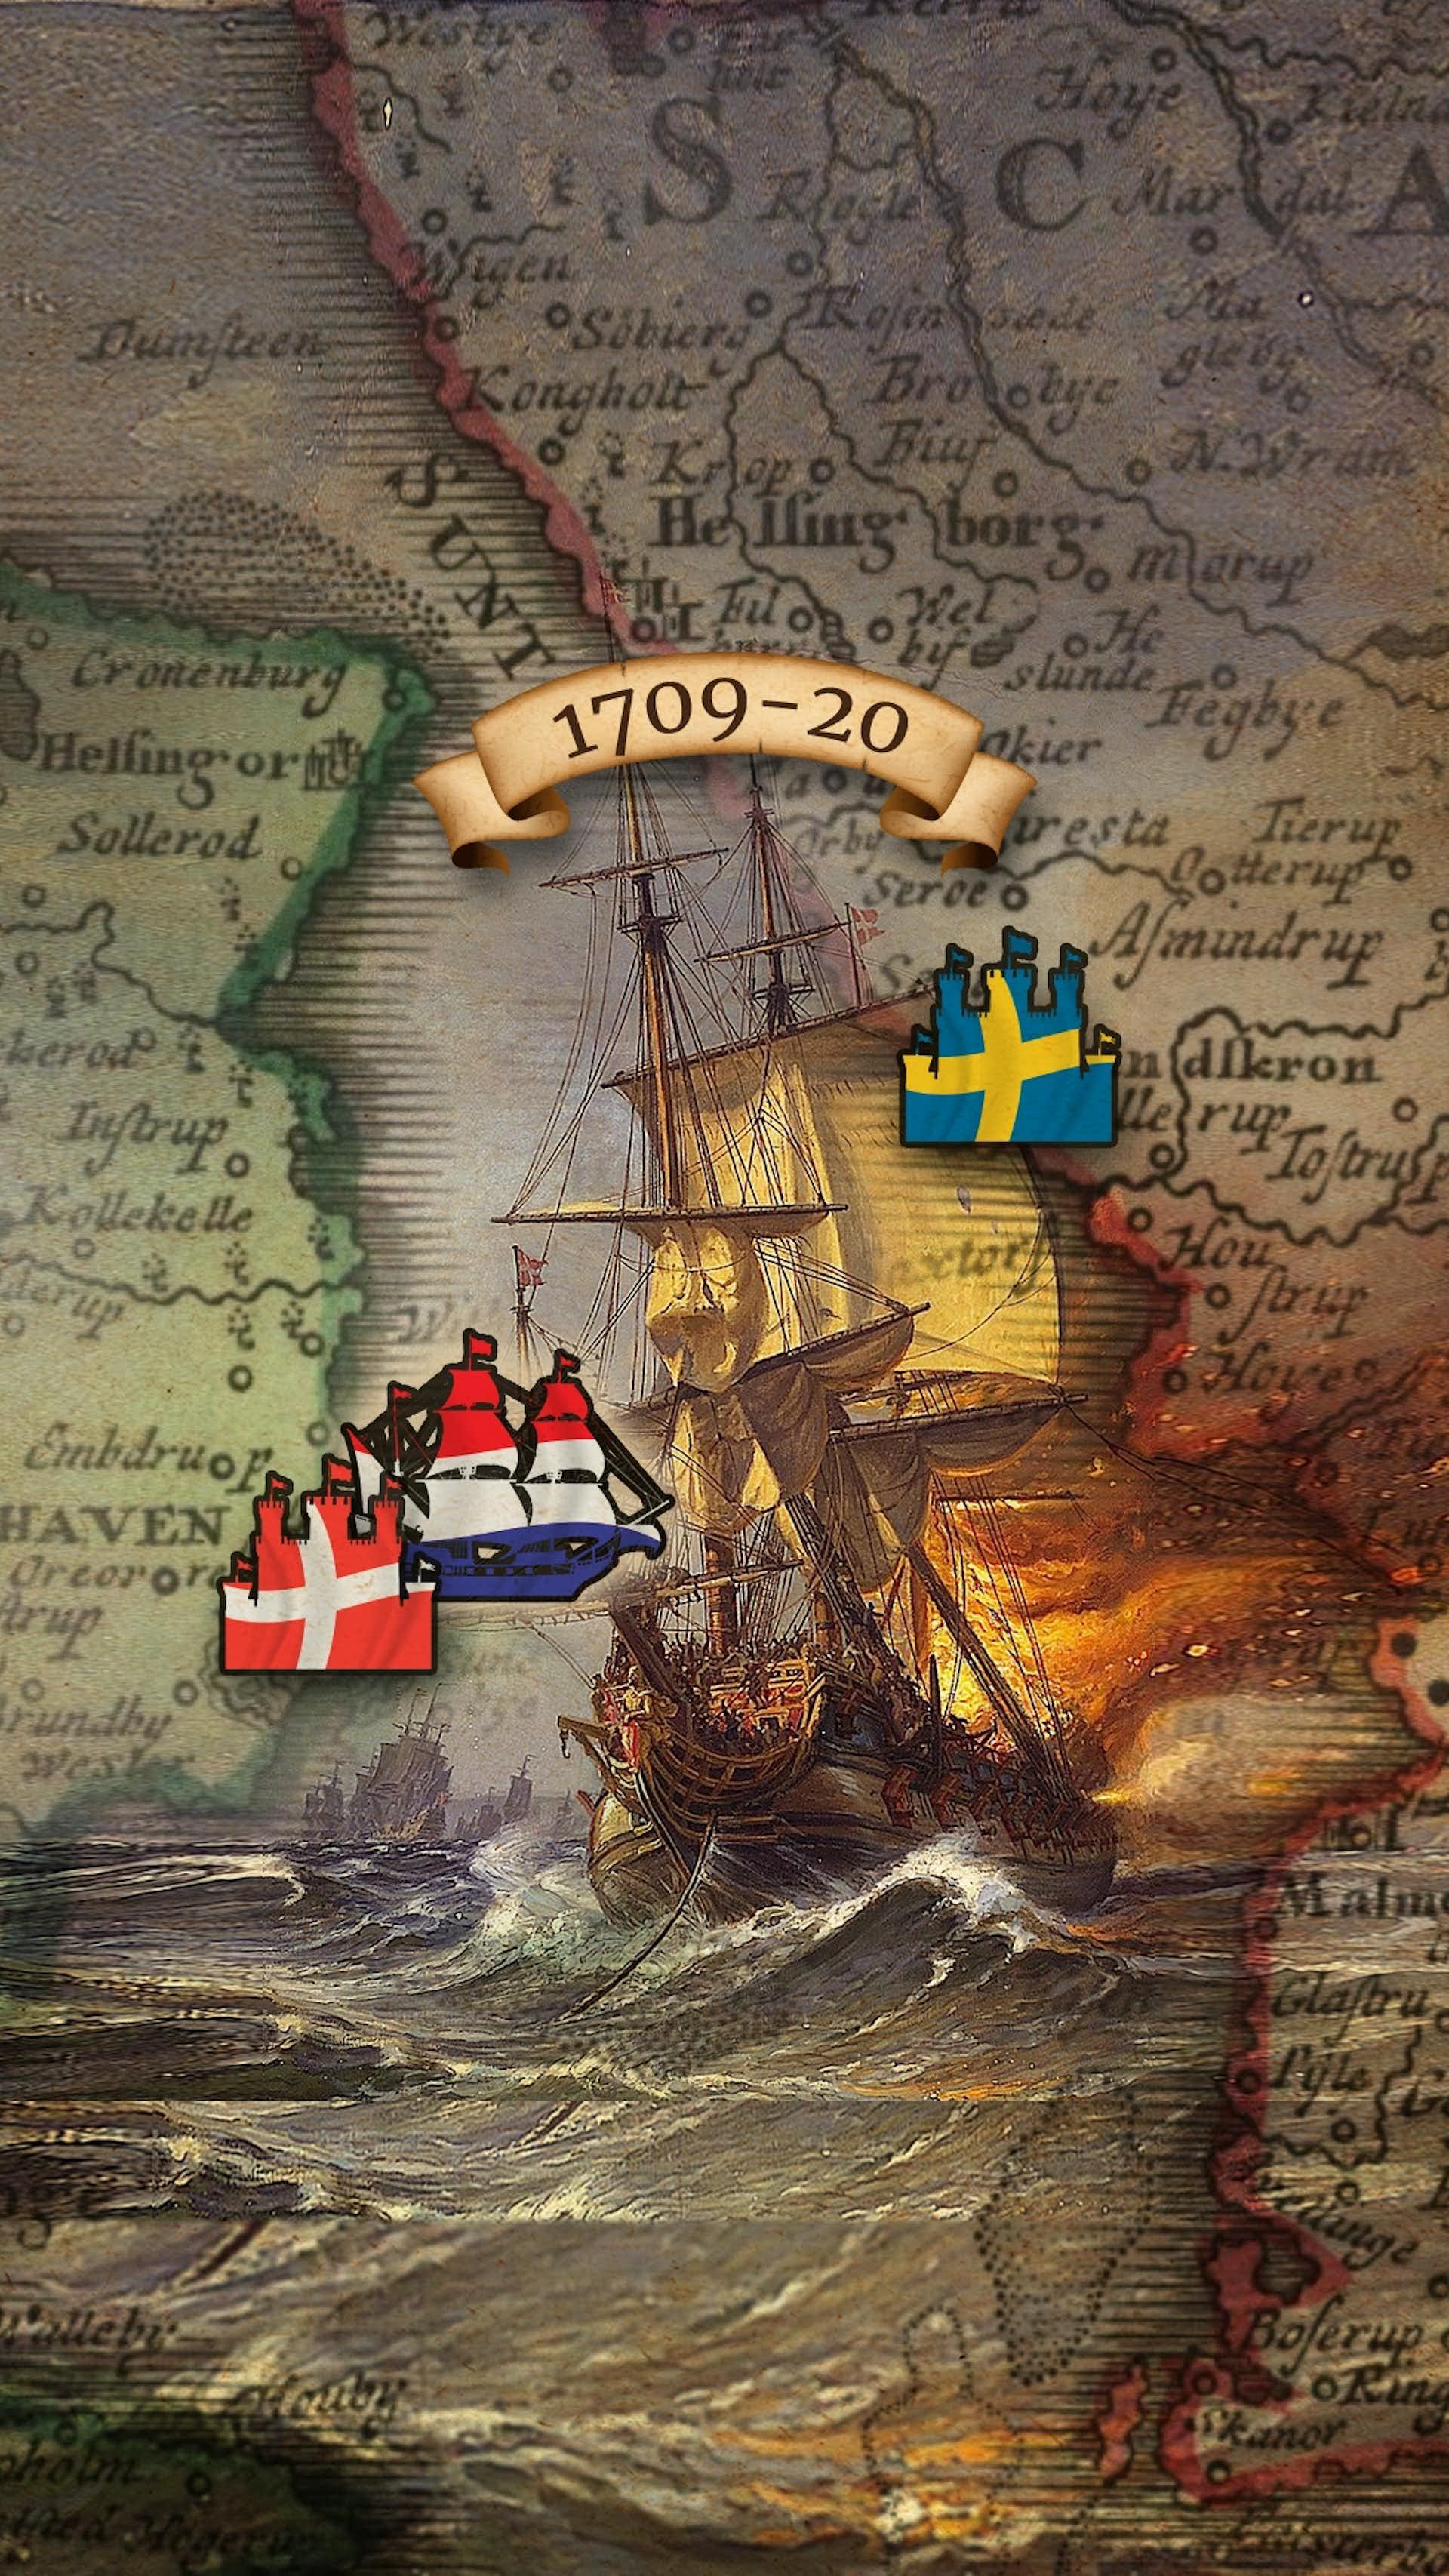 Nederlanderna Avgjorde Skandinaviens Maktkamper Varldenshistoria Se